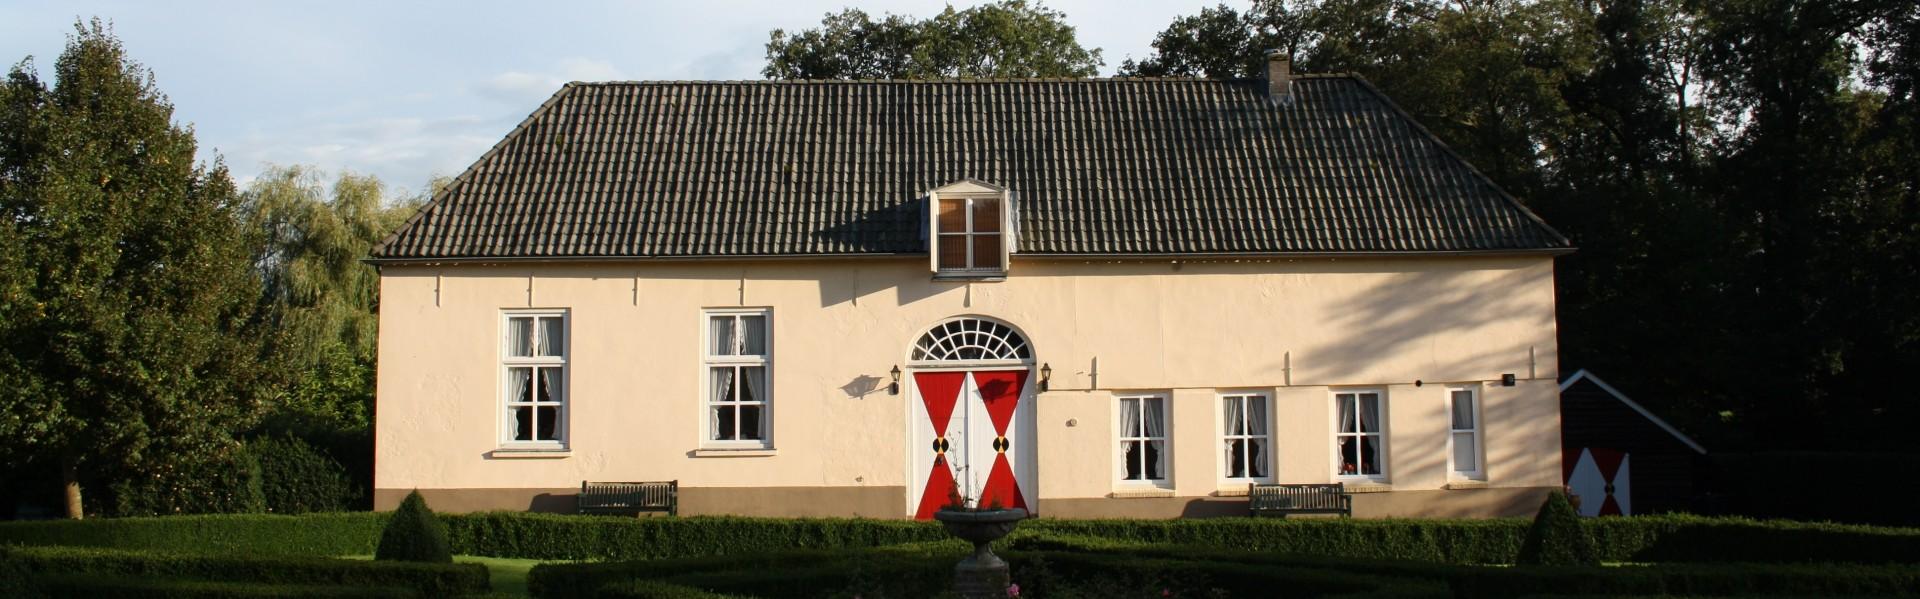 Koetshuis op Heukelum